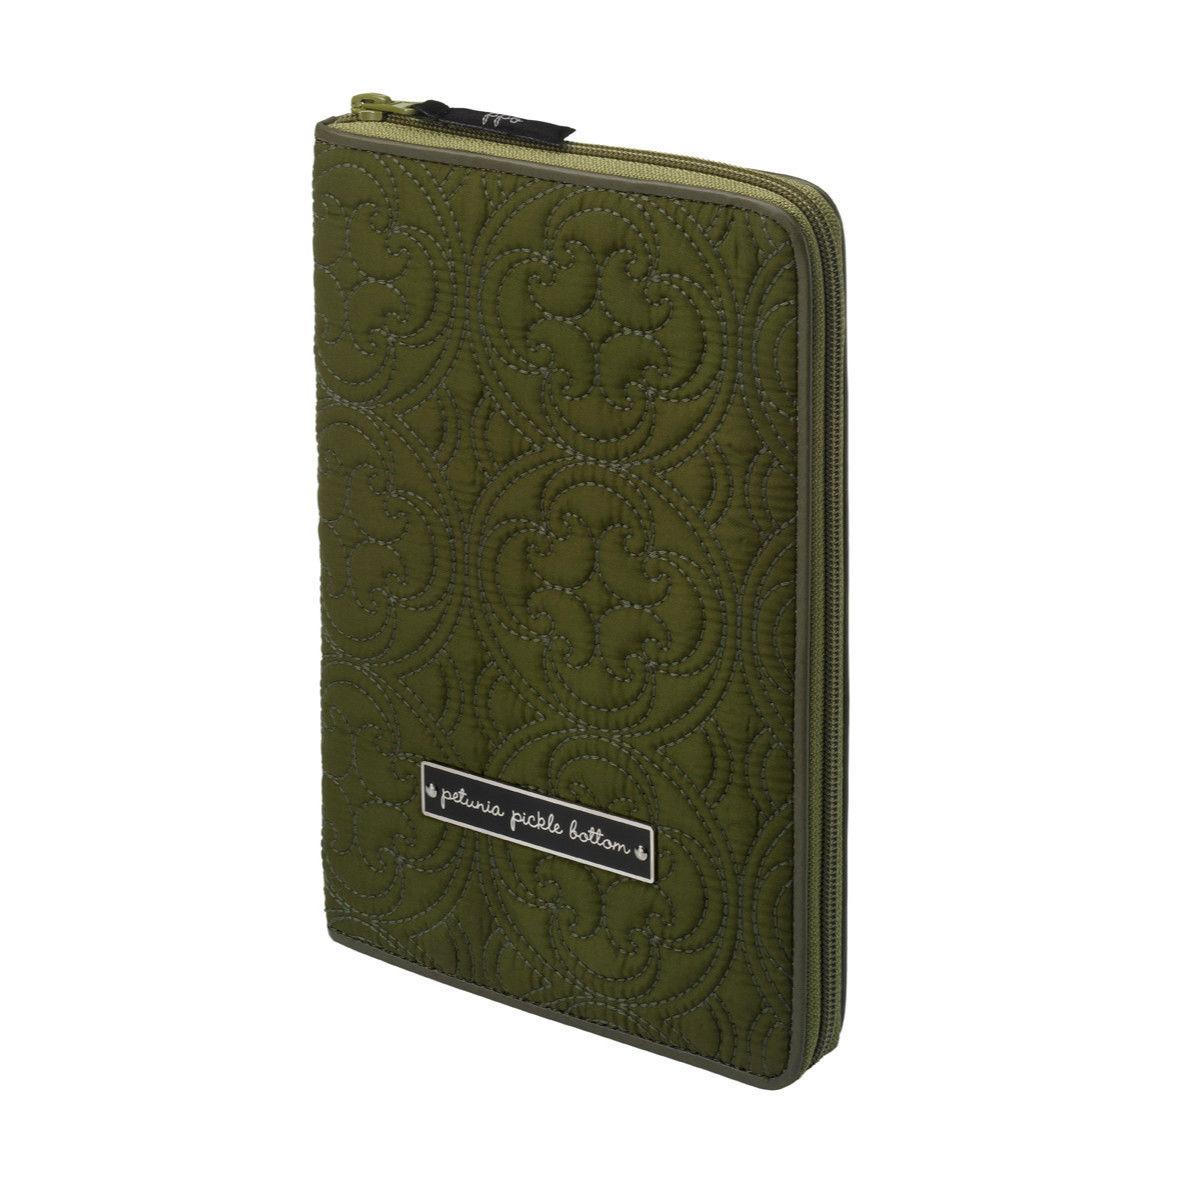 ペチュニアピックルボトム 母子手帳ケース ビギニングス(リージェントパーク)AAPO-00-426